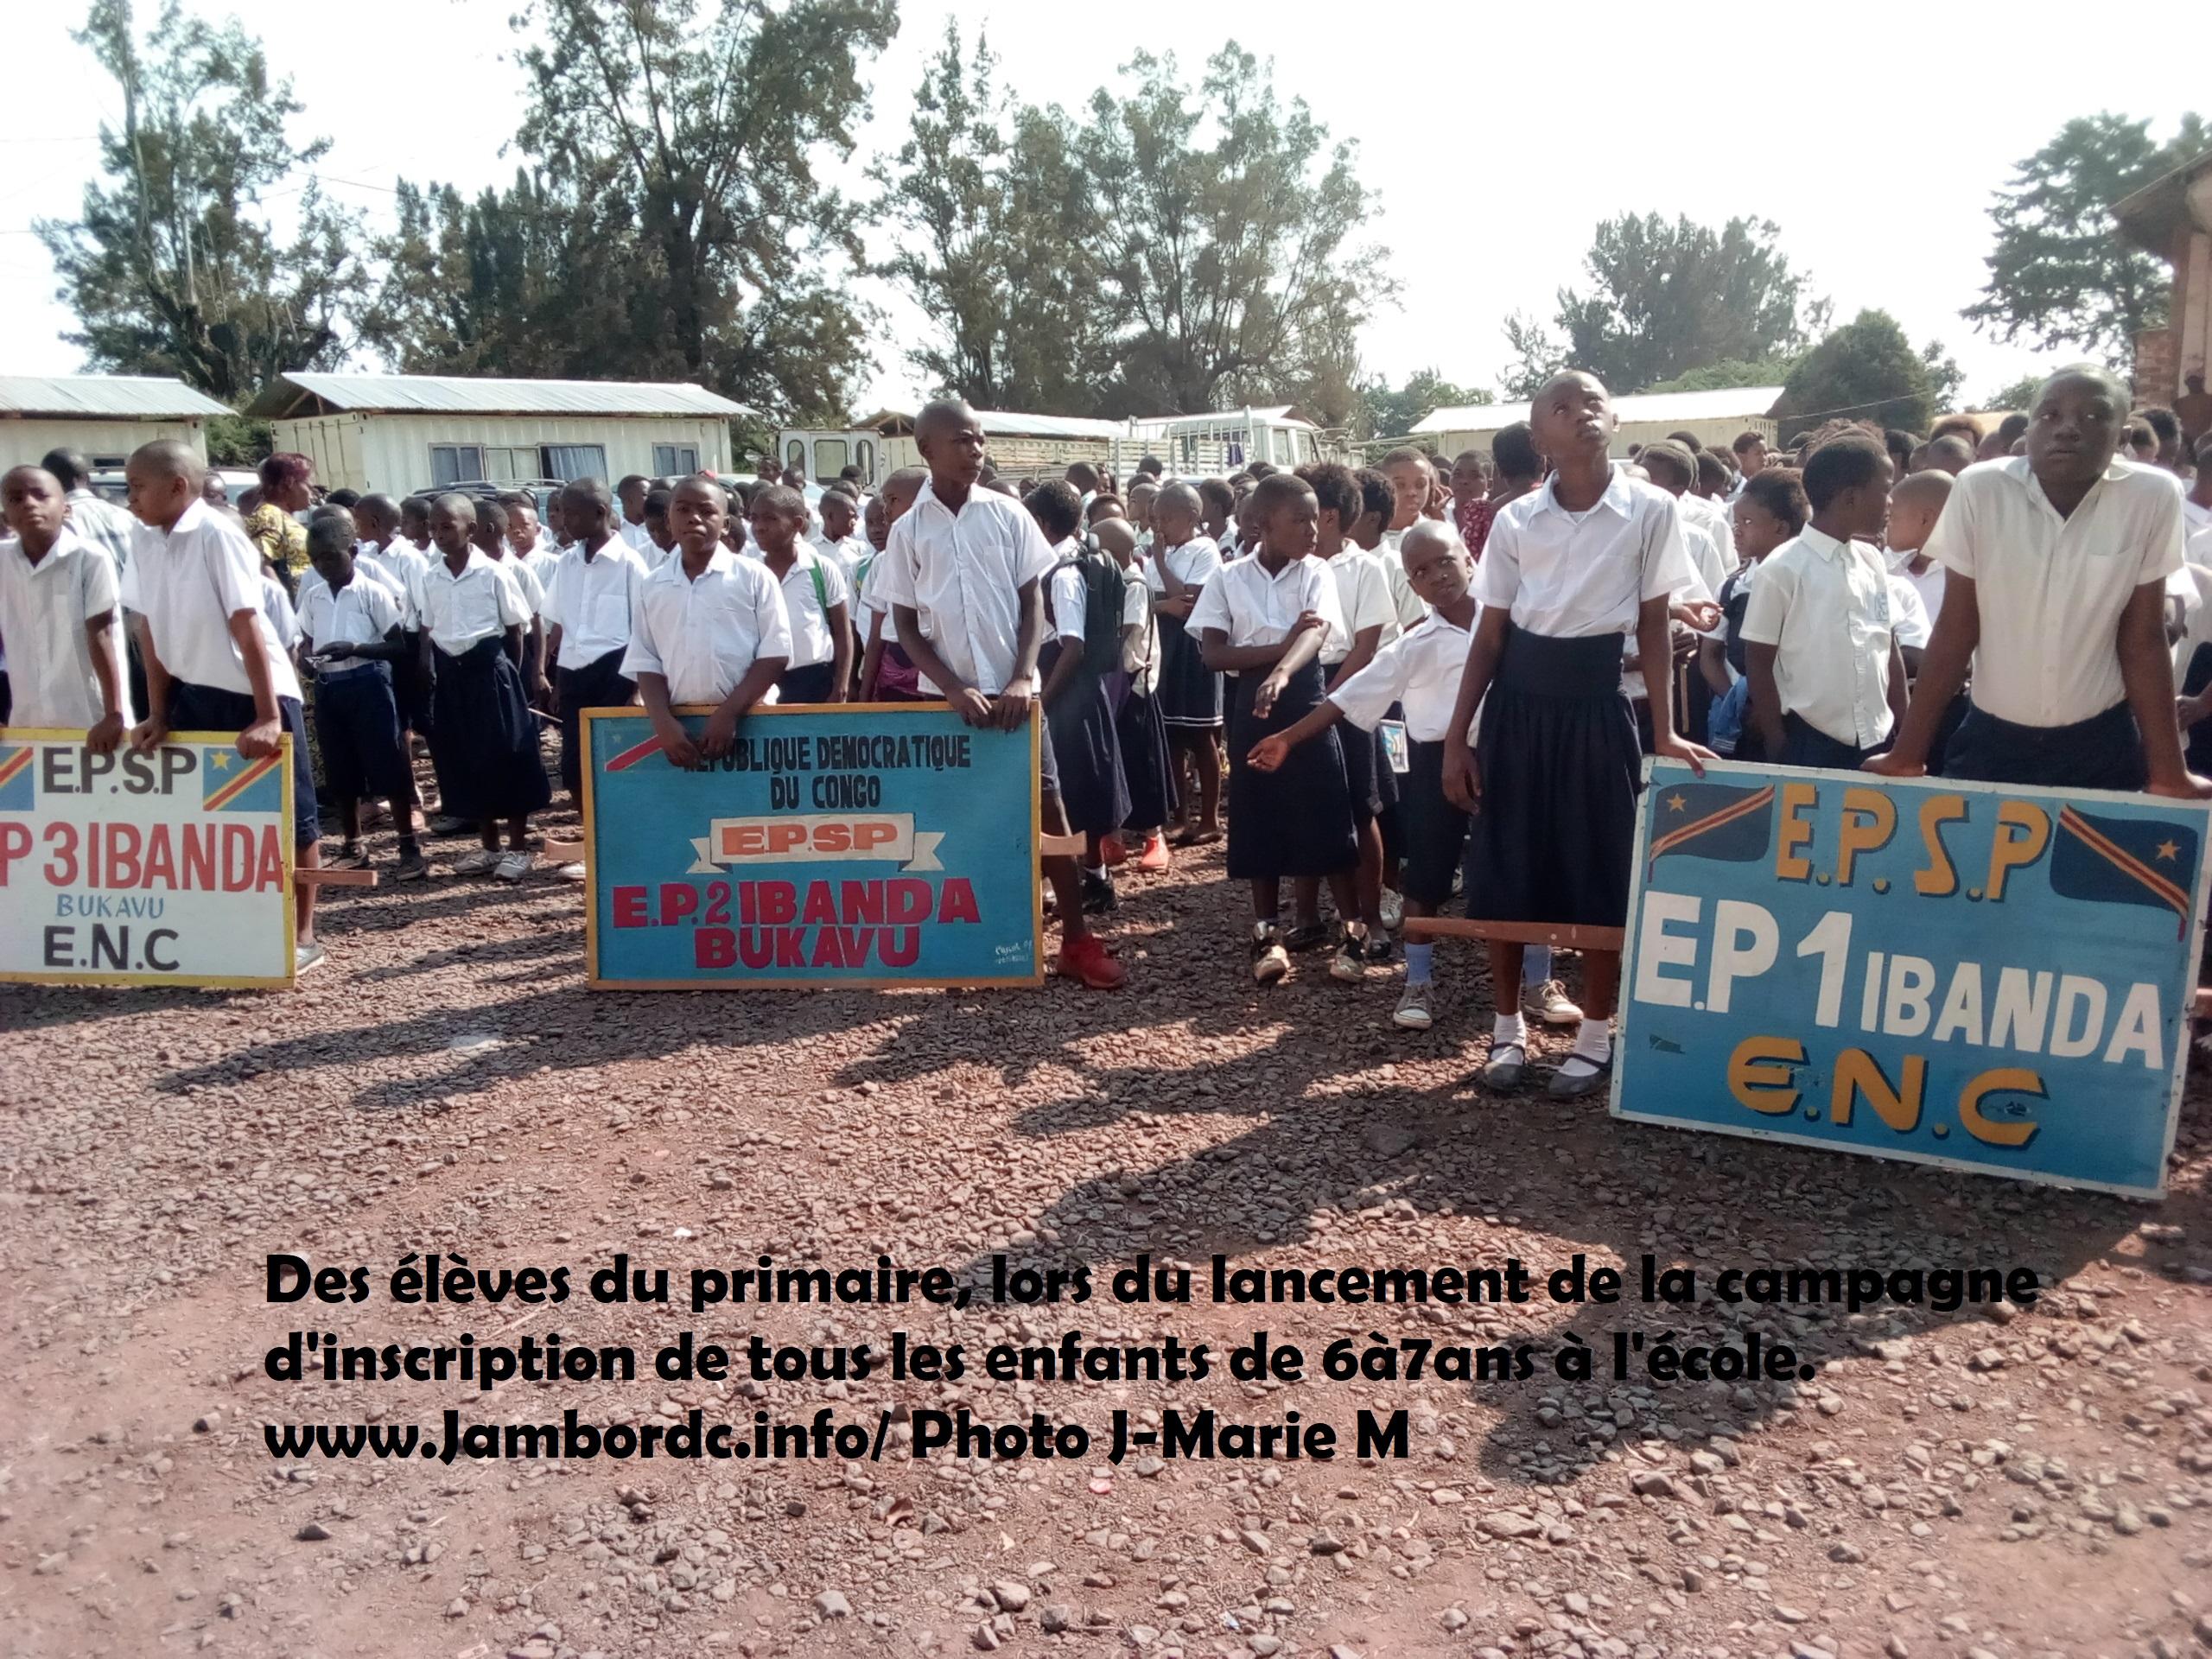 Sud-Kivu : Les parents invitent tous les partenaires éducatifs à décourager les frais illégaux pour favoriser l'accès de tous les enfants à l'éducation